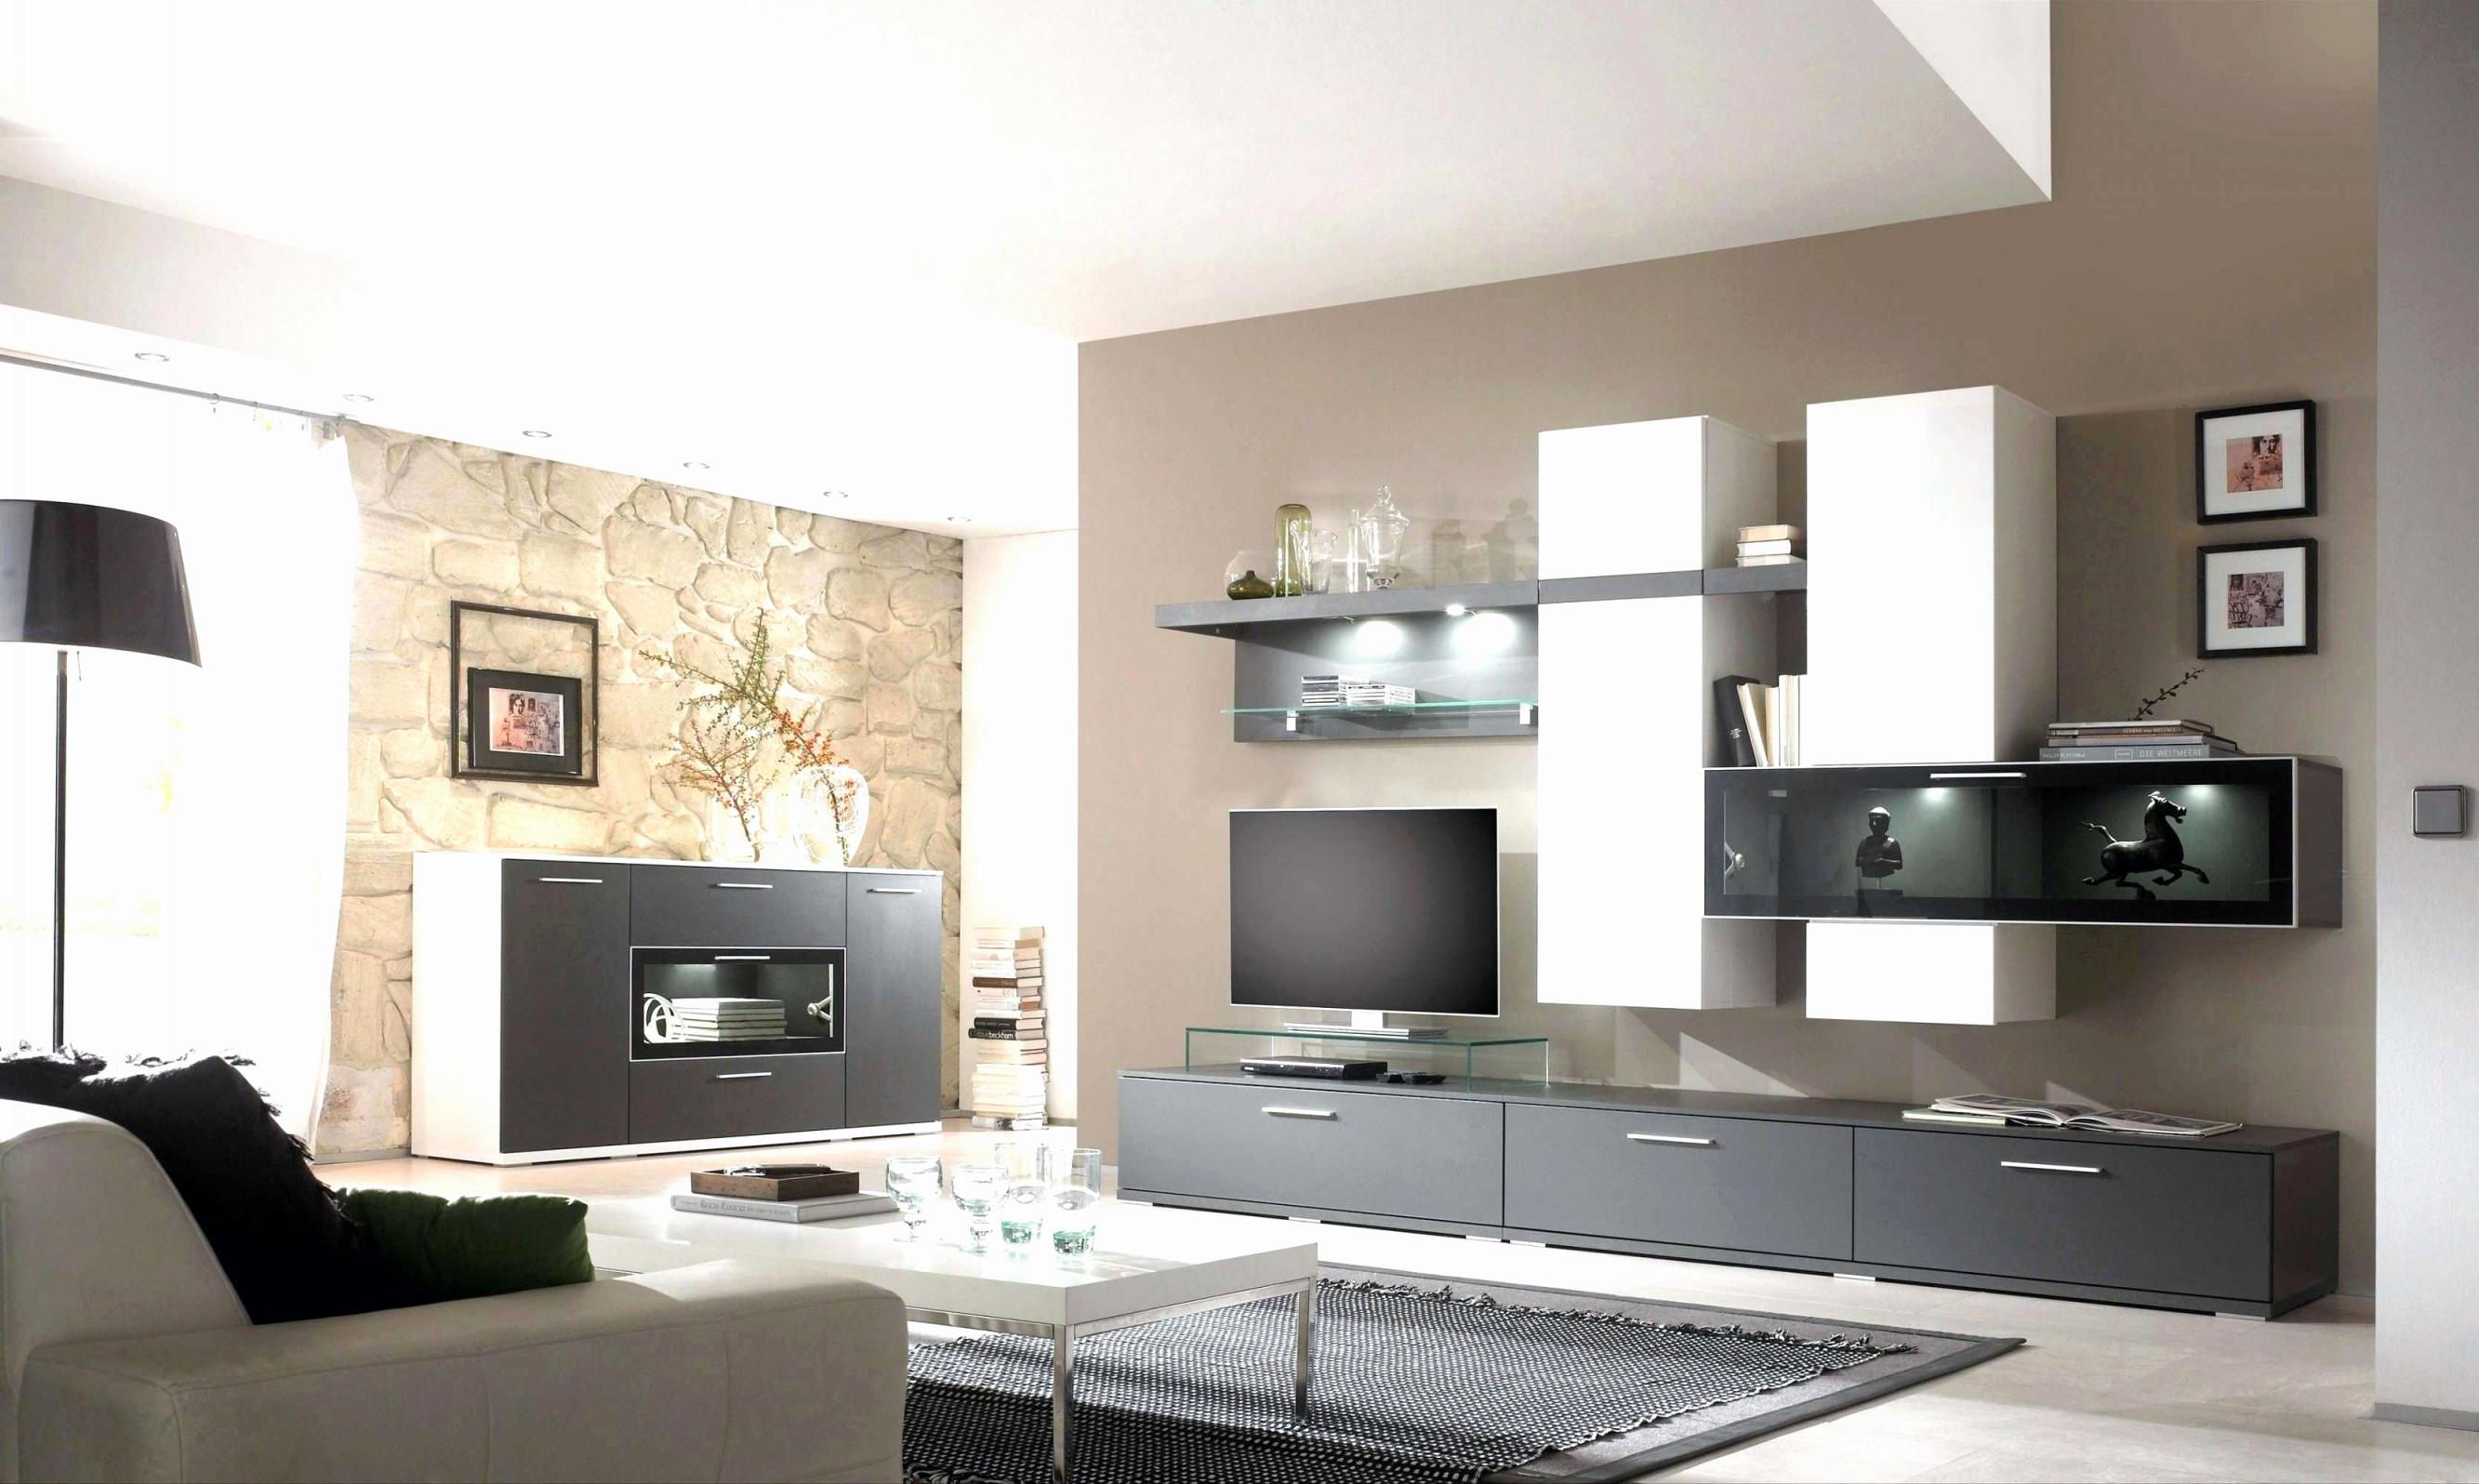 Wanddekoration Wohnzimmer Modern Schön Schönheit Fotos Von von Wanddekoration Wohnzimmer Ideen Bild